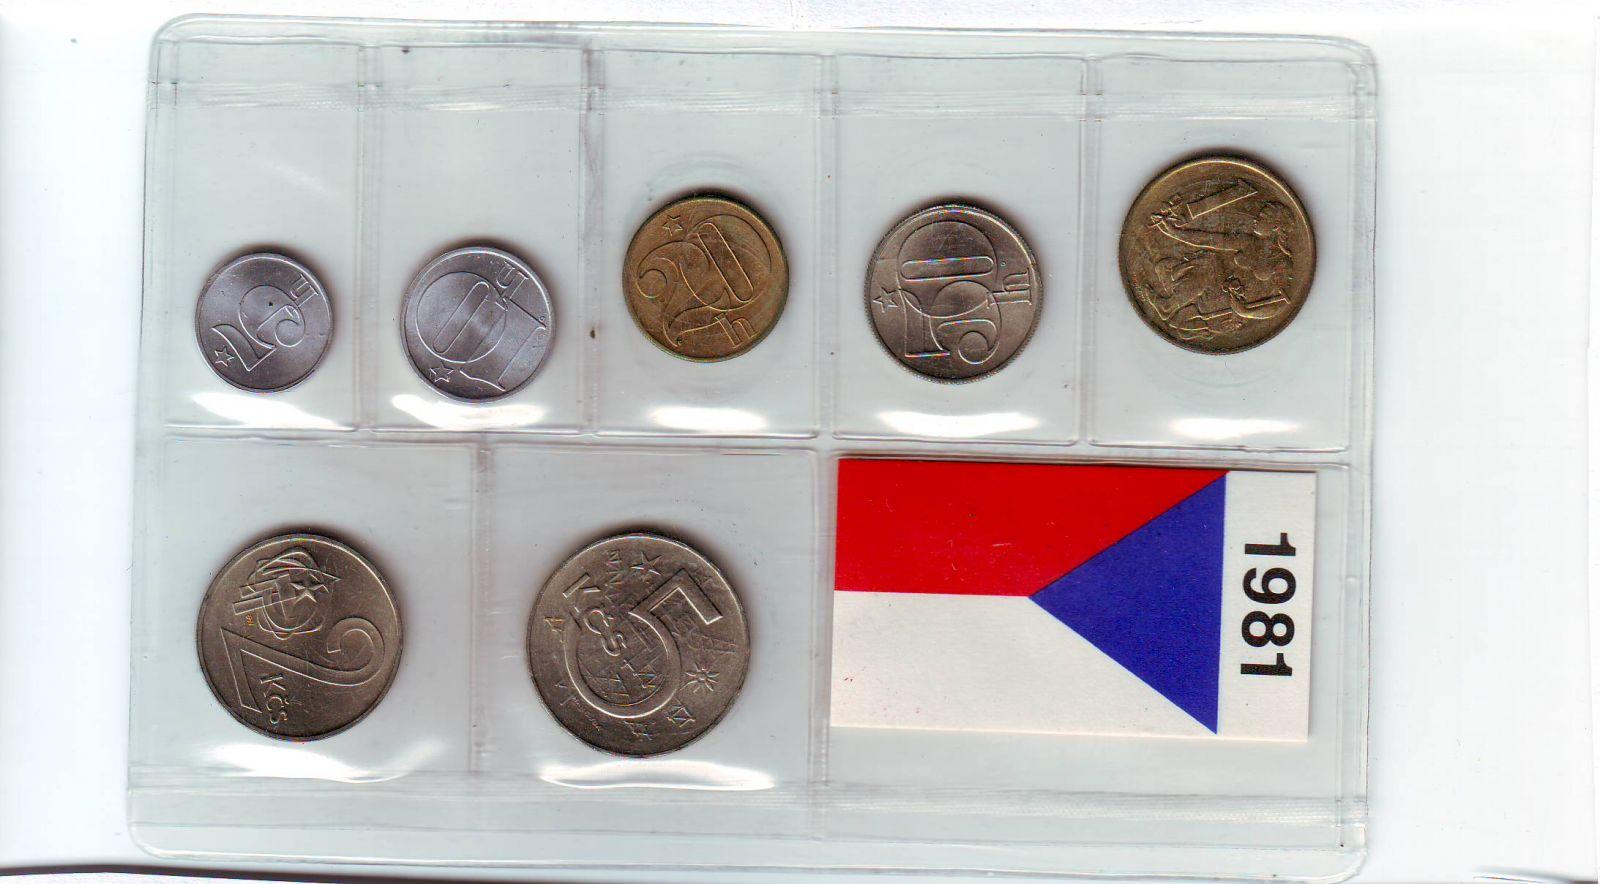 Ročníková sada oběžných mincí ČSSR (1981), stavy 0/0